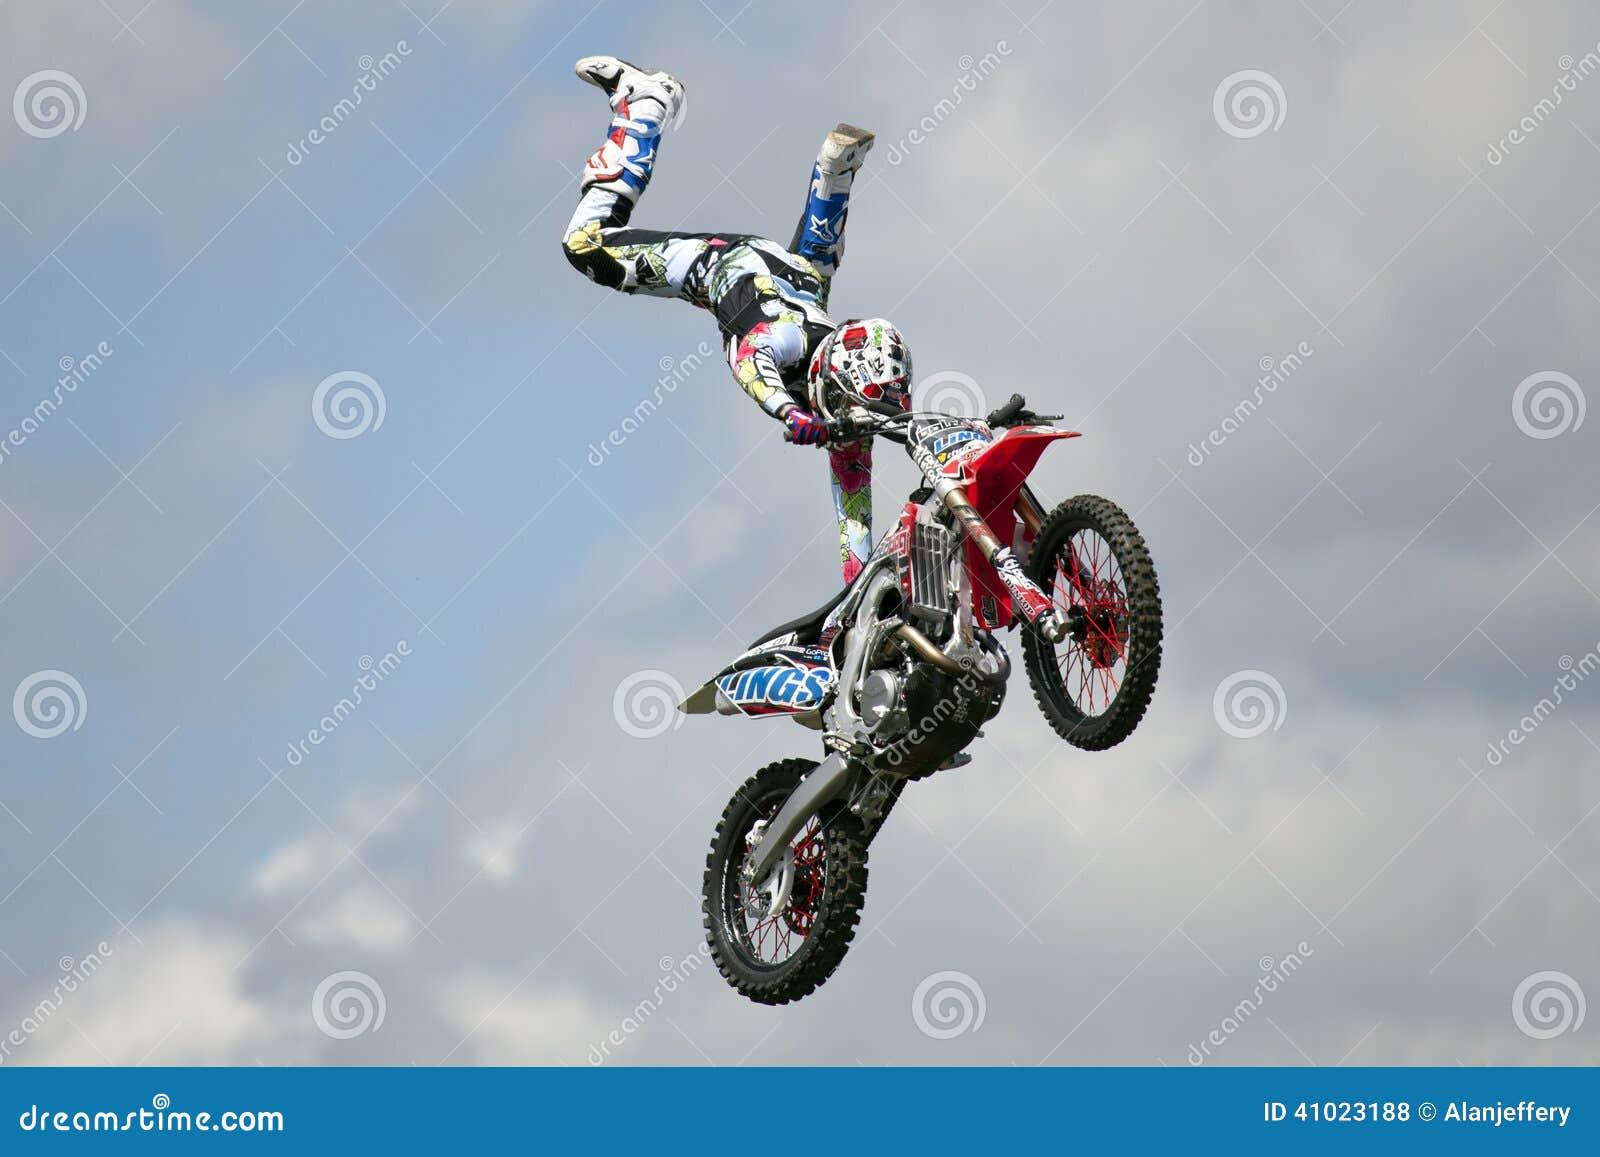 REDBOURN, UK - Maj 25: Unamed wyczynu kaskaderskiego jeździec od Bolddog  L